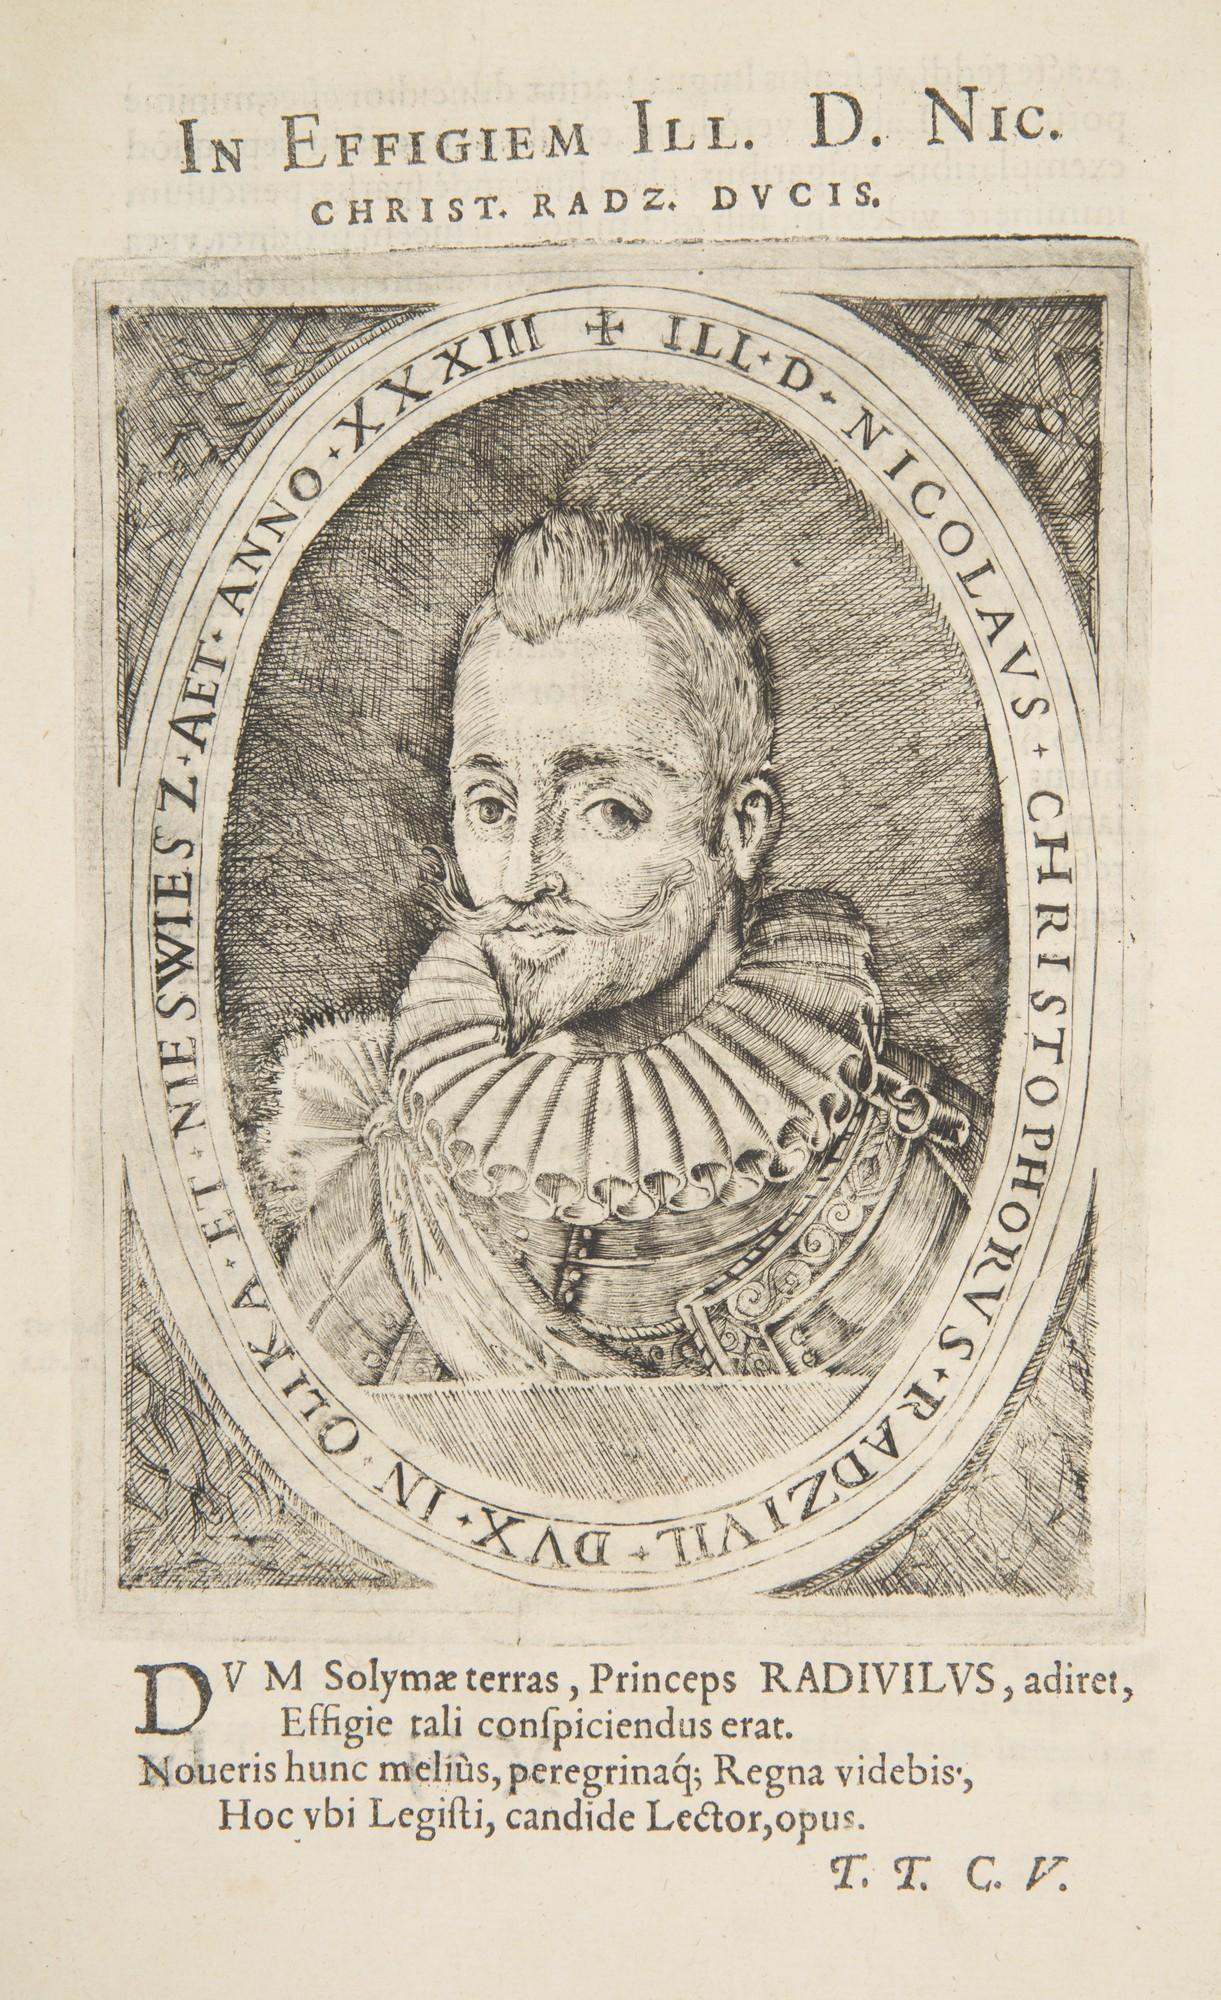 M.K. Radziwiłł, Hierosolymitana peregrinatio. Brunsberg, 1601 – portret Mikołaja Krzysztofa Radziwiłła, miedzioryt, fot. MNK (źródło: materiały prasowe organizatora)